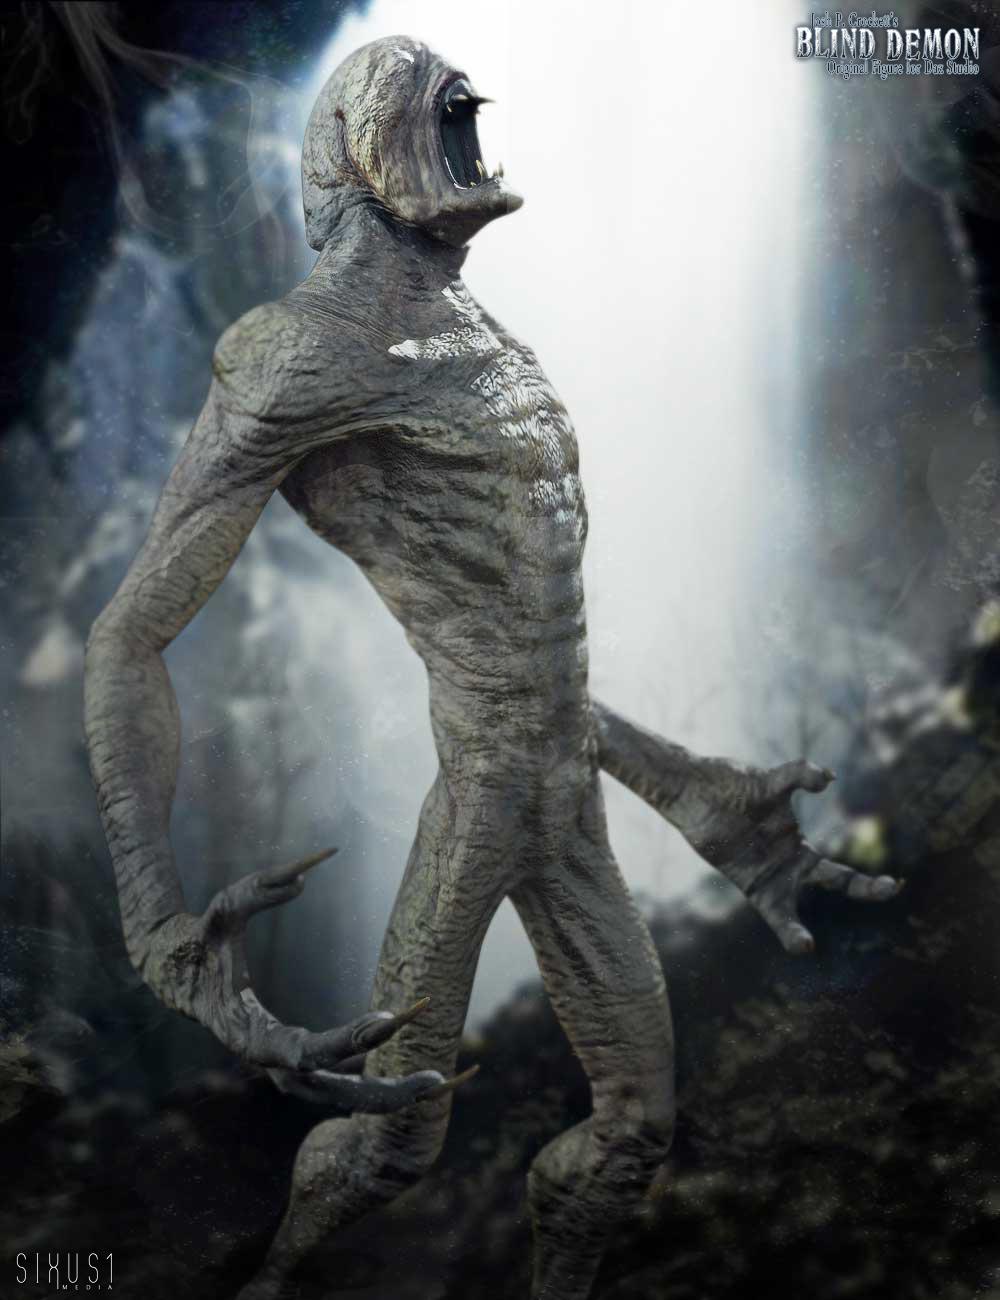 Blind Demon by: Sixus1 MediaJosh Crockett, 3D Models by Daz 3D